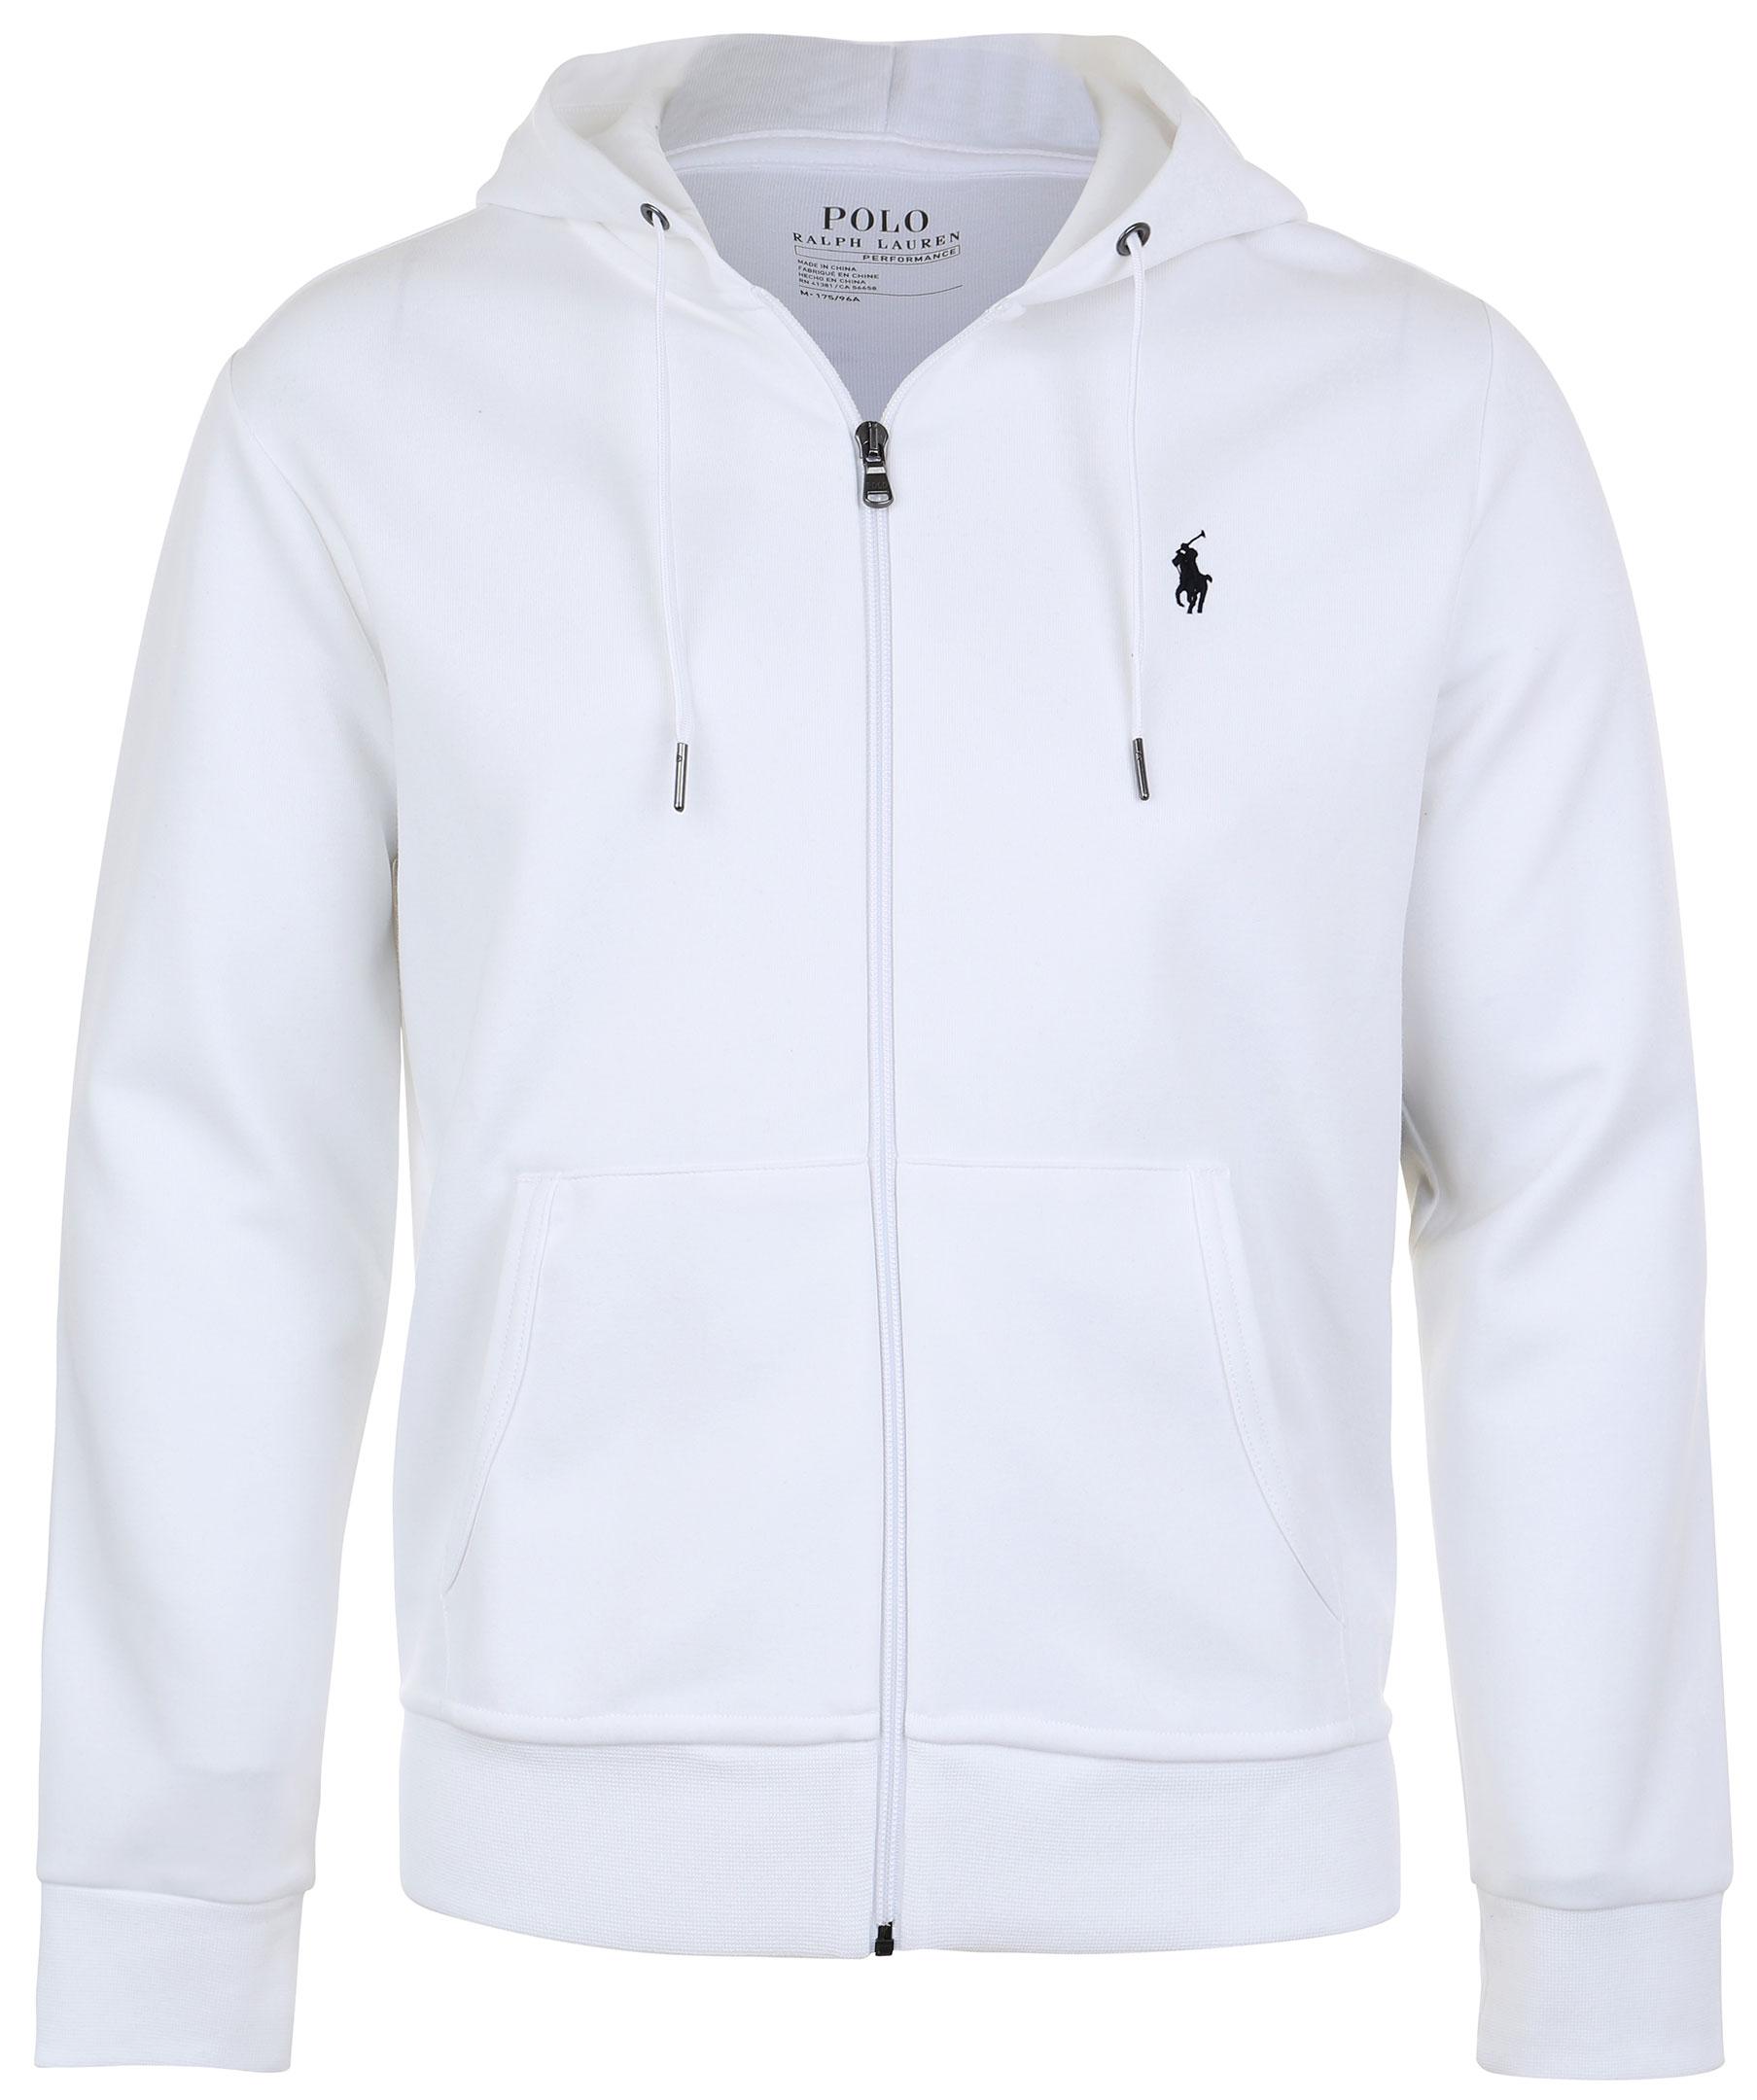 Polo Ralph Lauren tröjor för män | Johnells